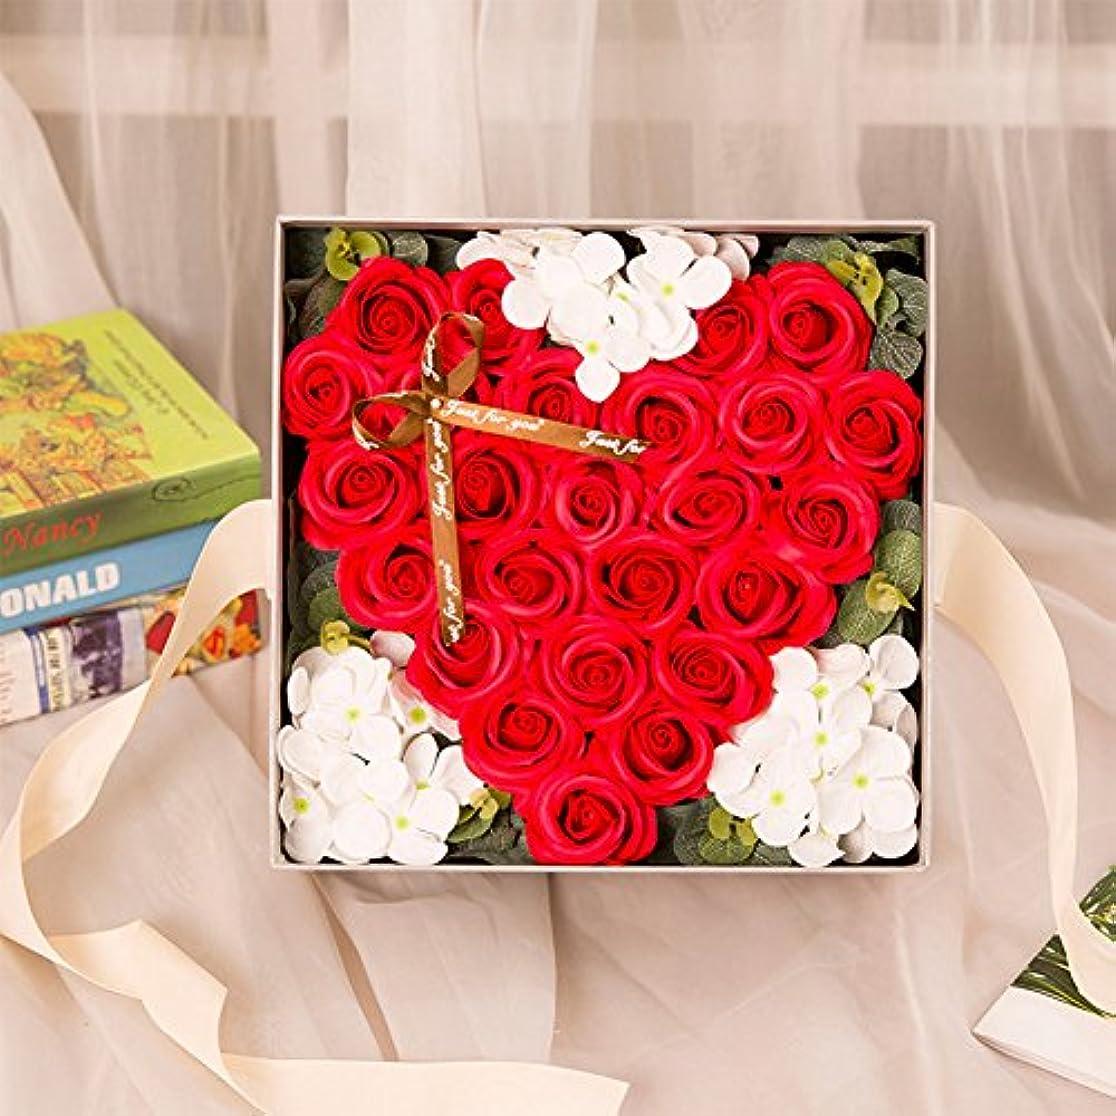 手書き通路ジャムRaiFu クリエイティブ シミュレーションローズ手作り石鹸 ギフトボックスホームデコレーション ユニークなギフト 赤い桃の心